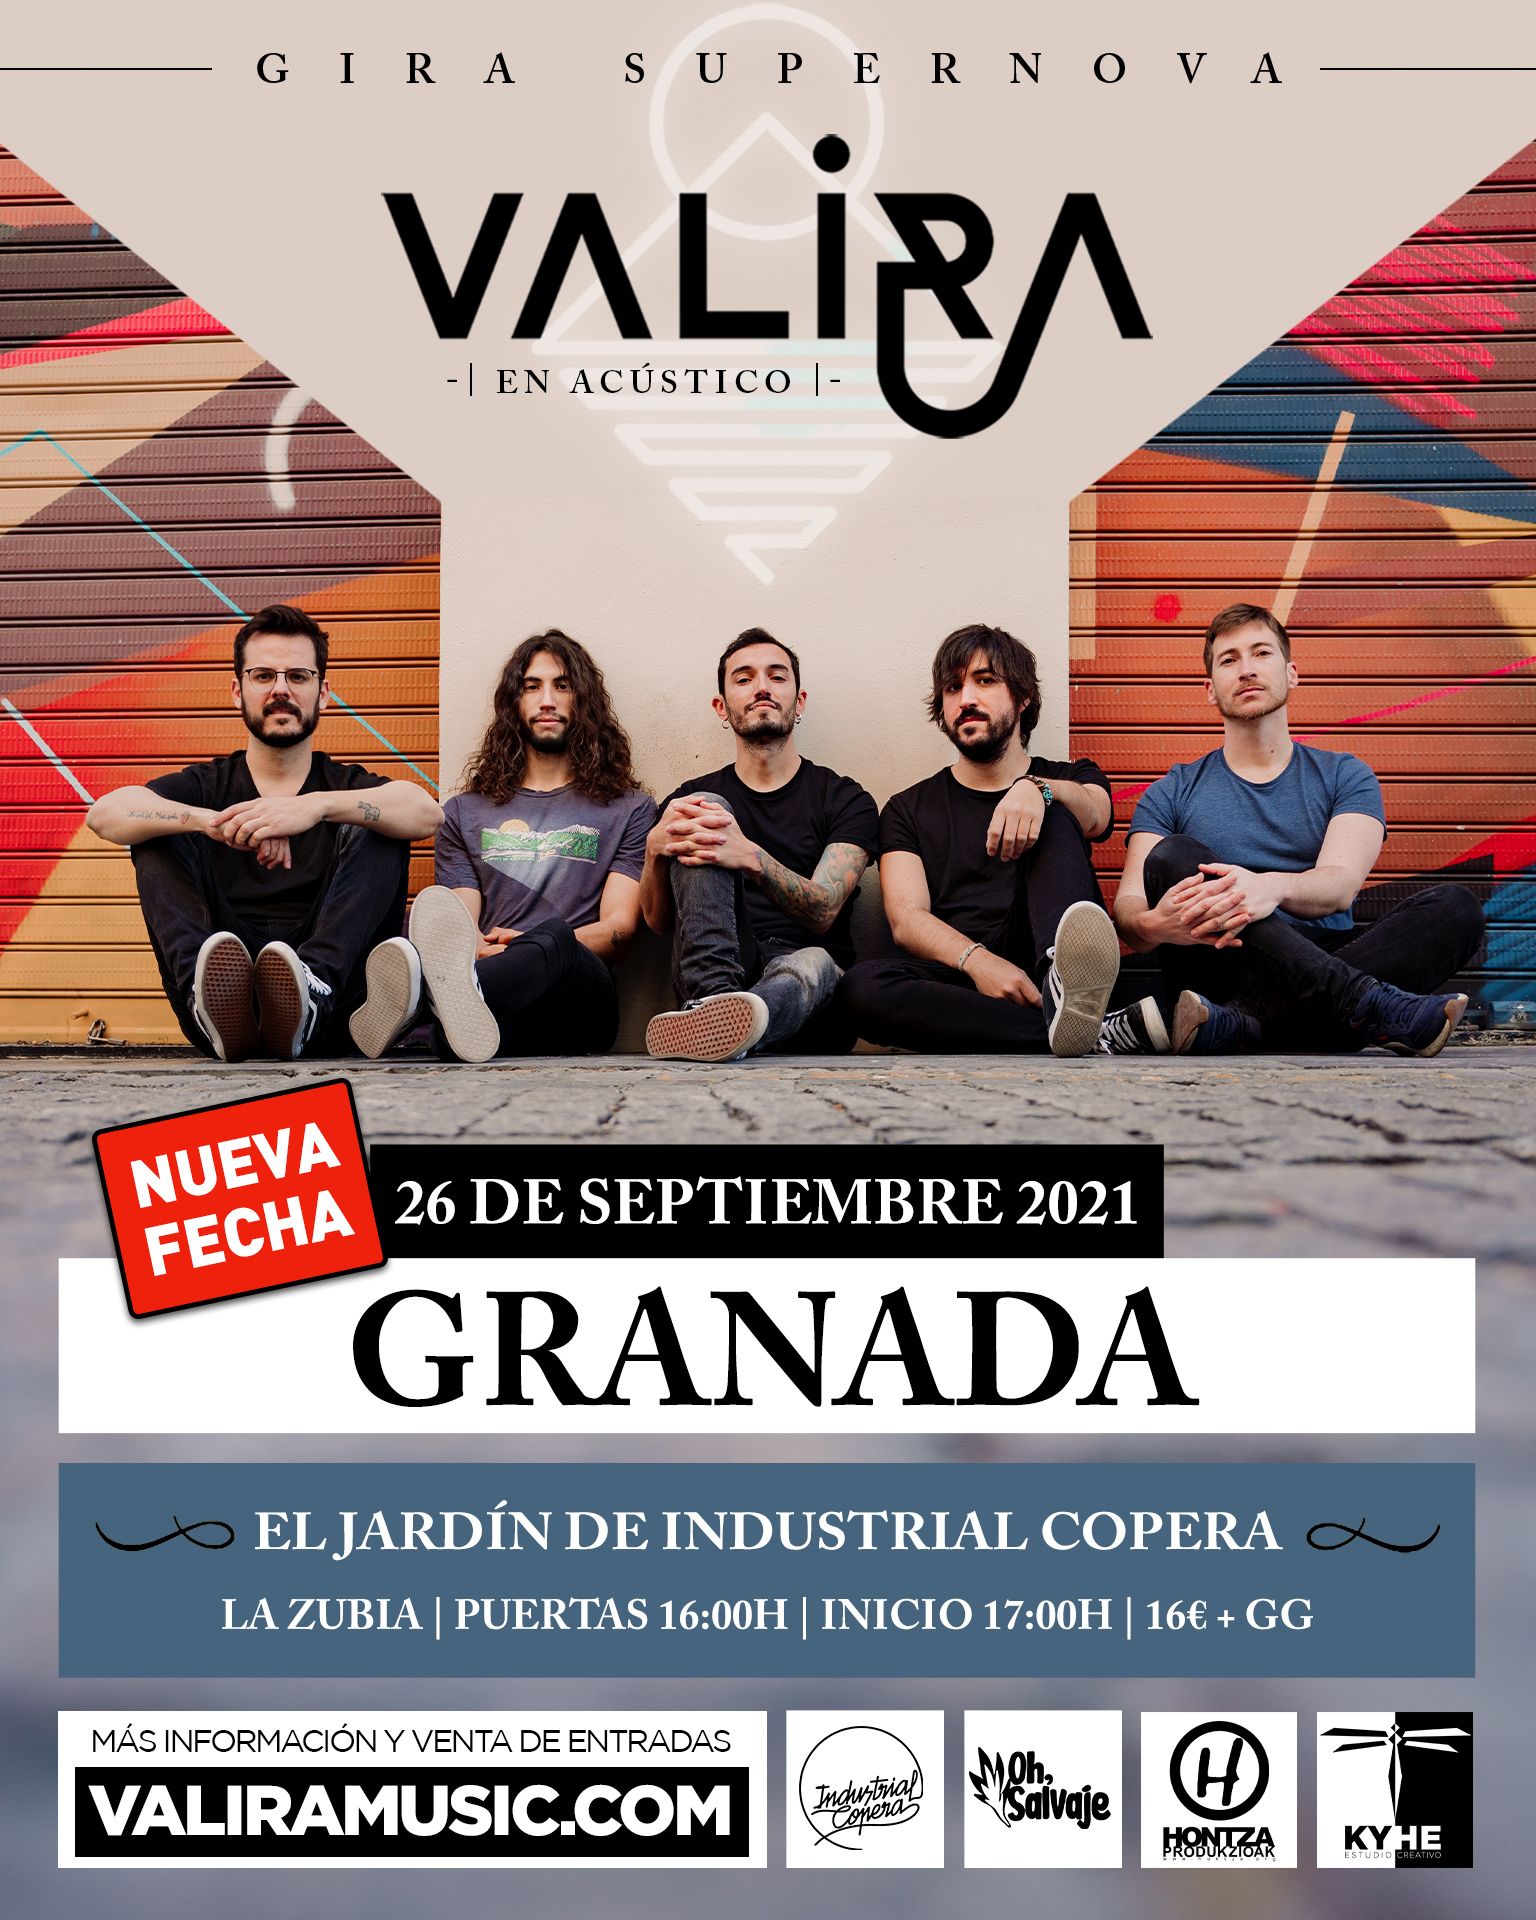 Valira Granada Oh Salvaje